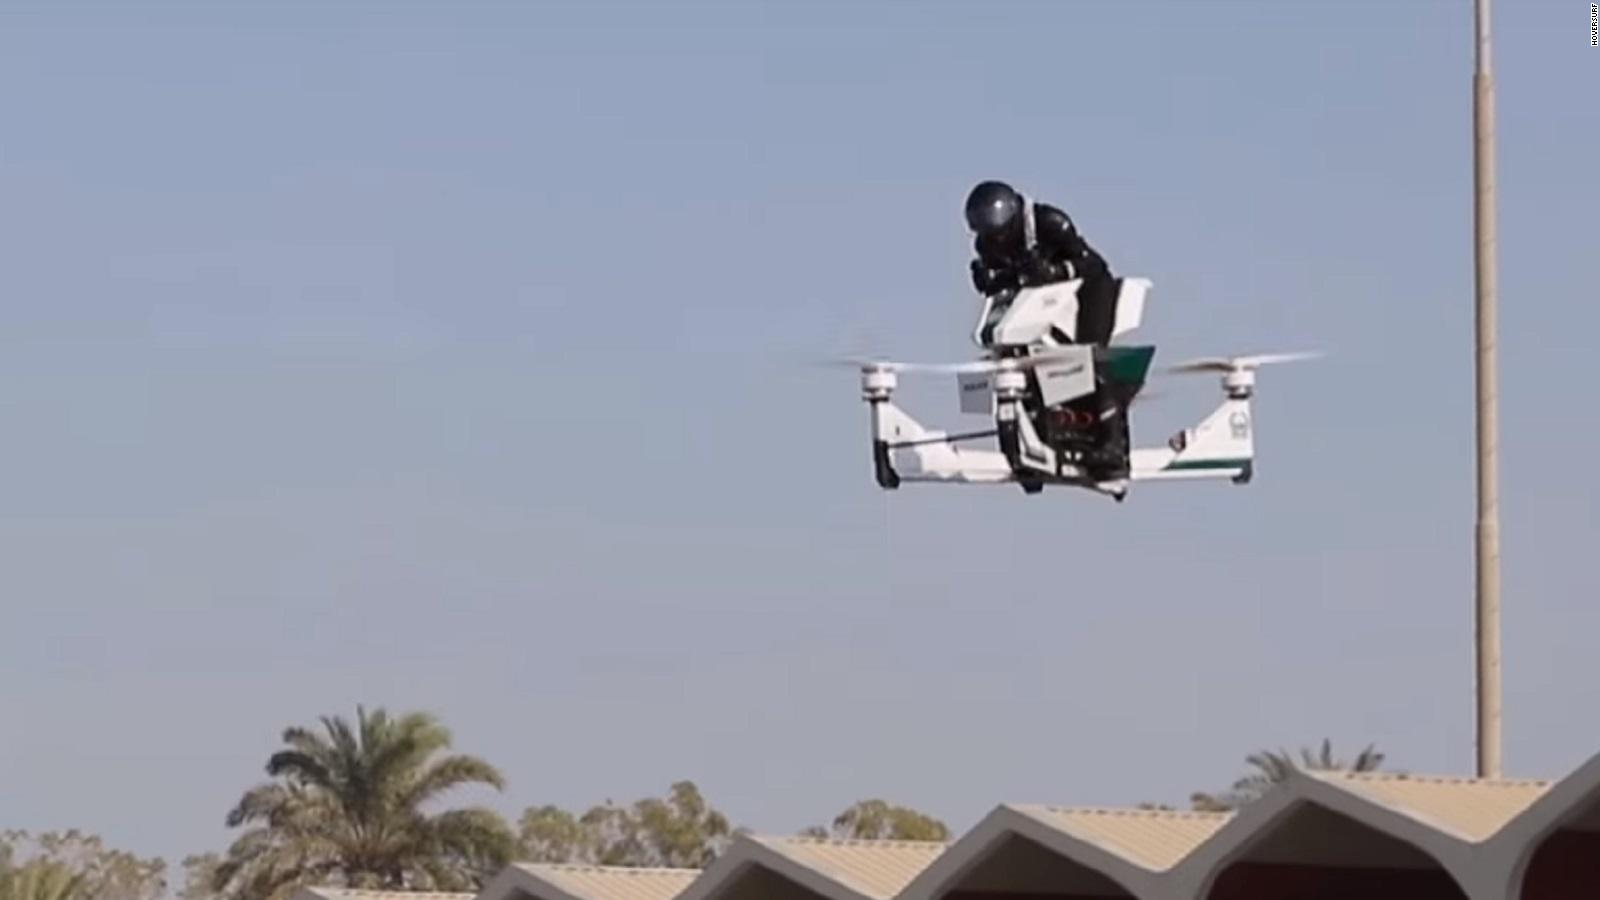 【ドバイ警察】空飛ぶ白バイだと!?2020年導入を目指し訓練開始!ネット民『未来感半端ない